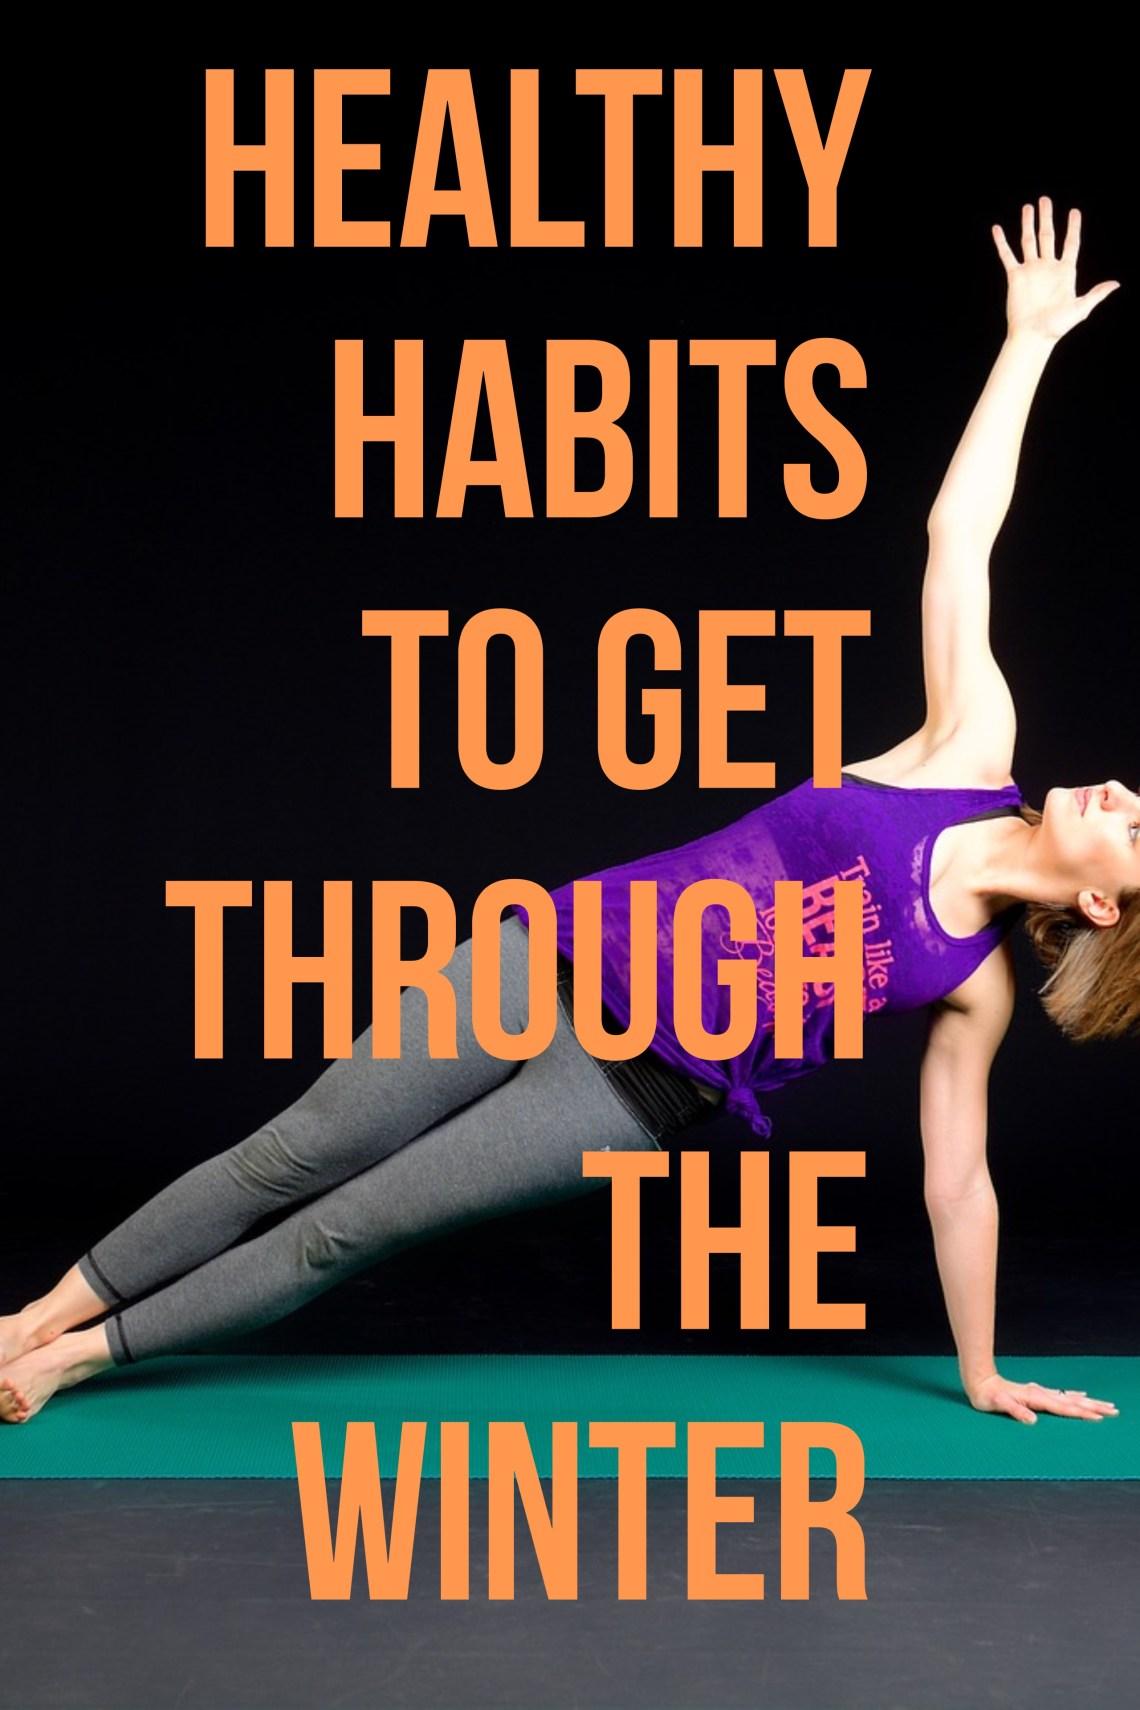 healthy_habits